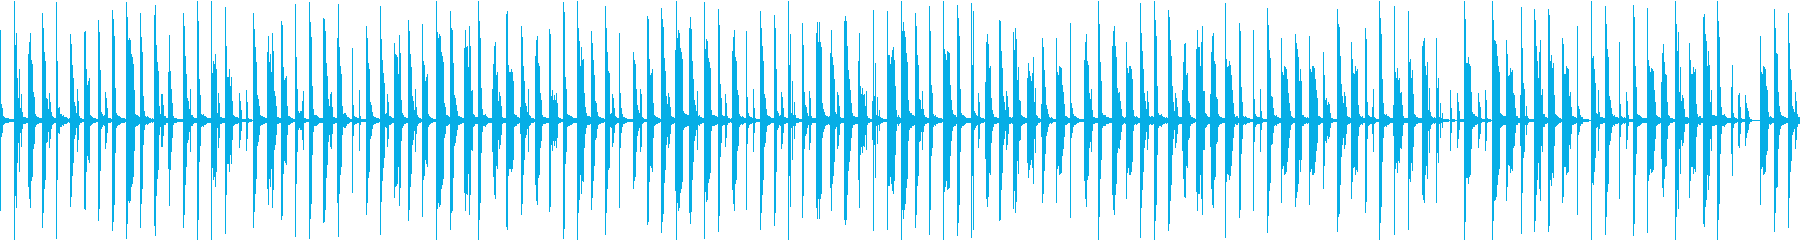 メニュー画面・汎用ループ単調シンセの再生済みの波形